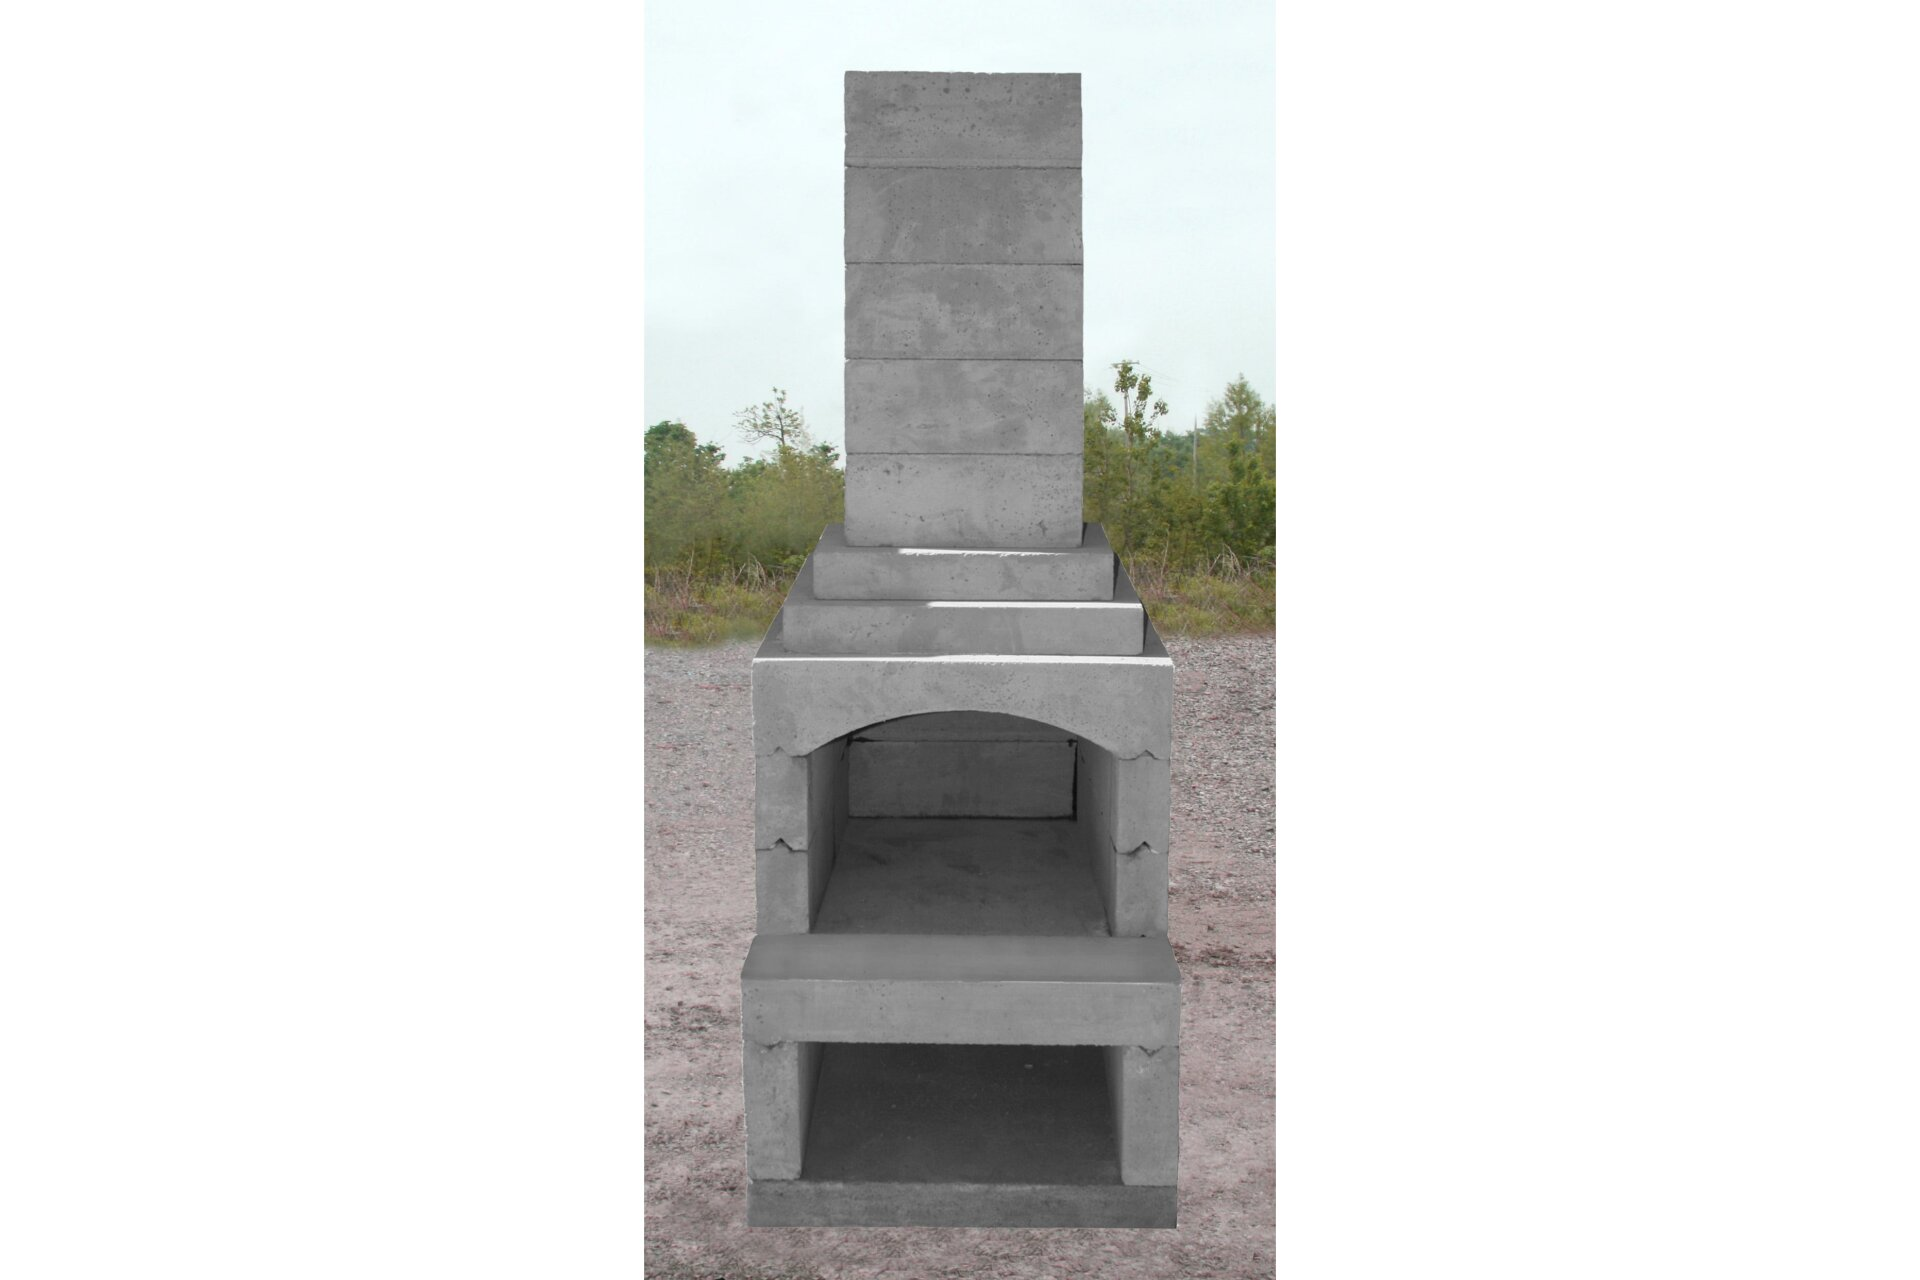 Veranda Series Masonry Fireplace Kit